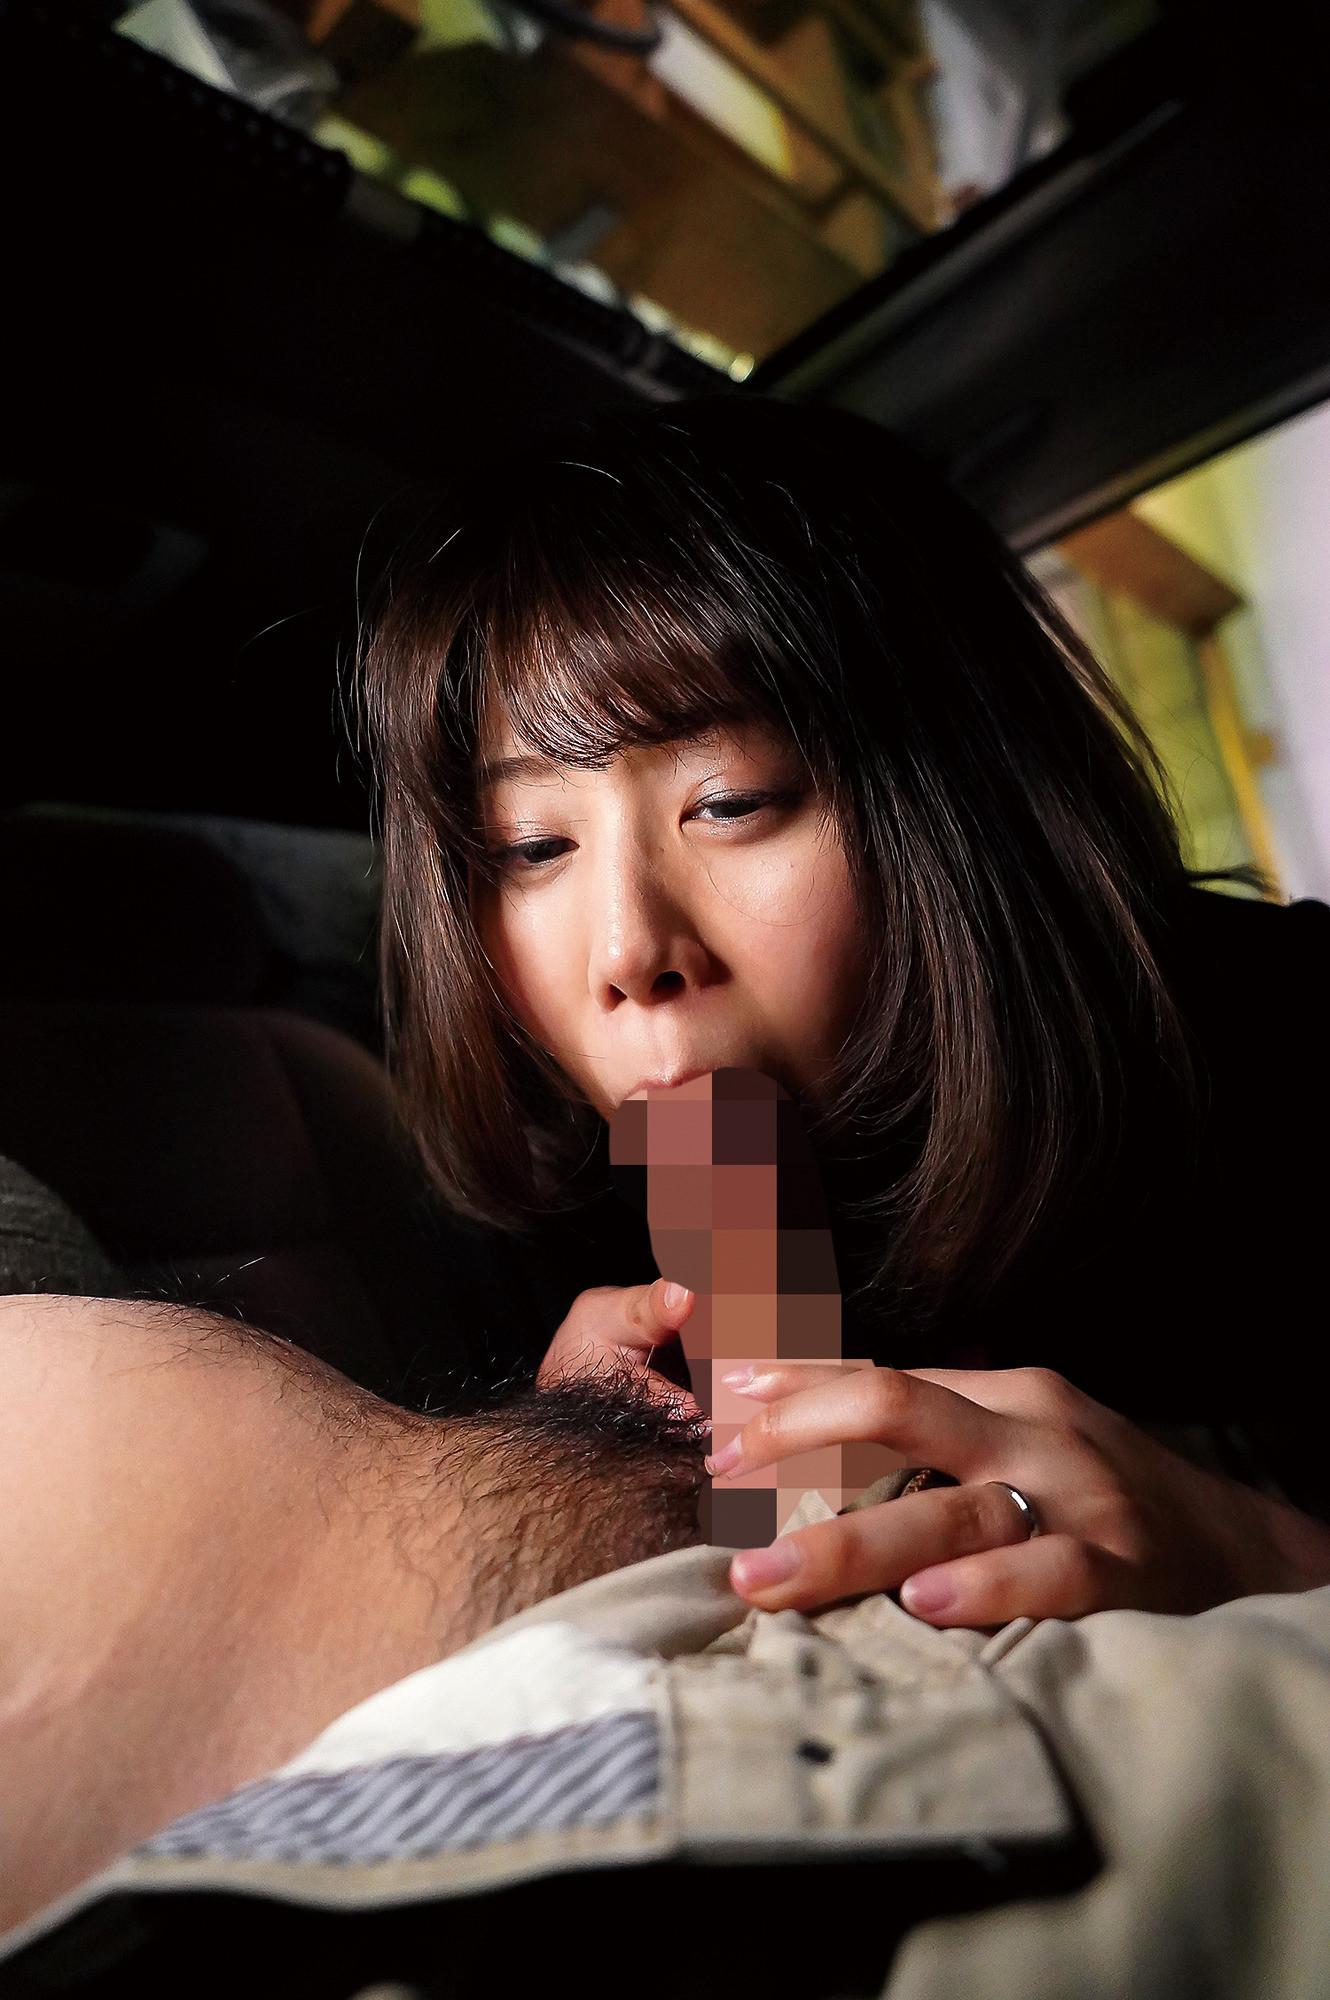 息子の嫁とのセックス記録 あの優しかった義父が鬼畜となった日 志木あかね 画像5